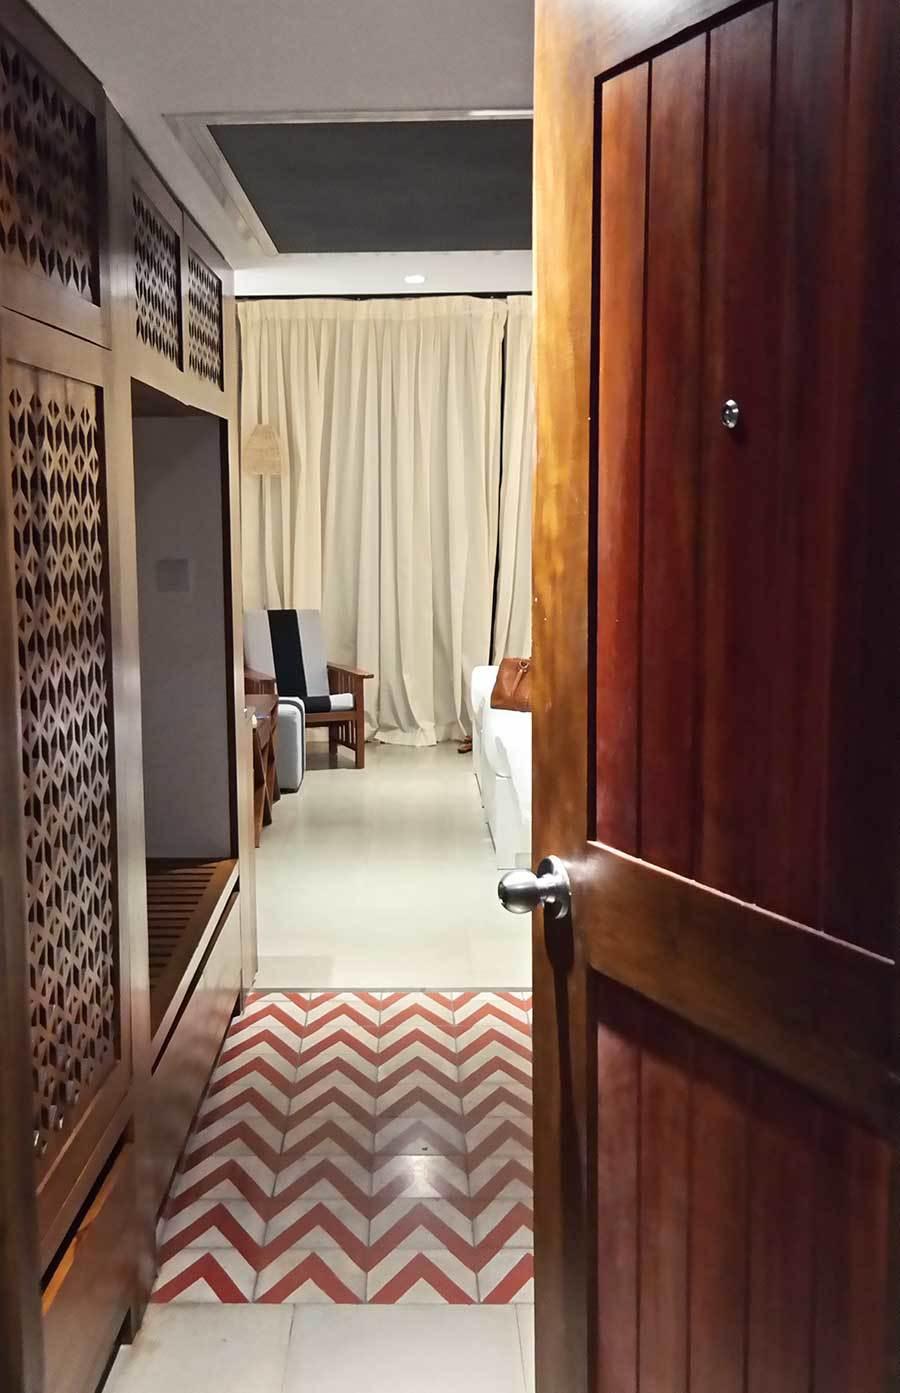 Exotic Chic Home Decorating Inspiration From Sri Lanka Skimbaco Lifestyle Online Magazine